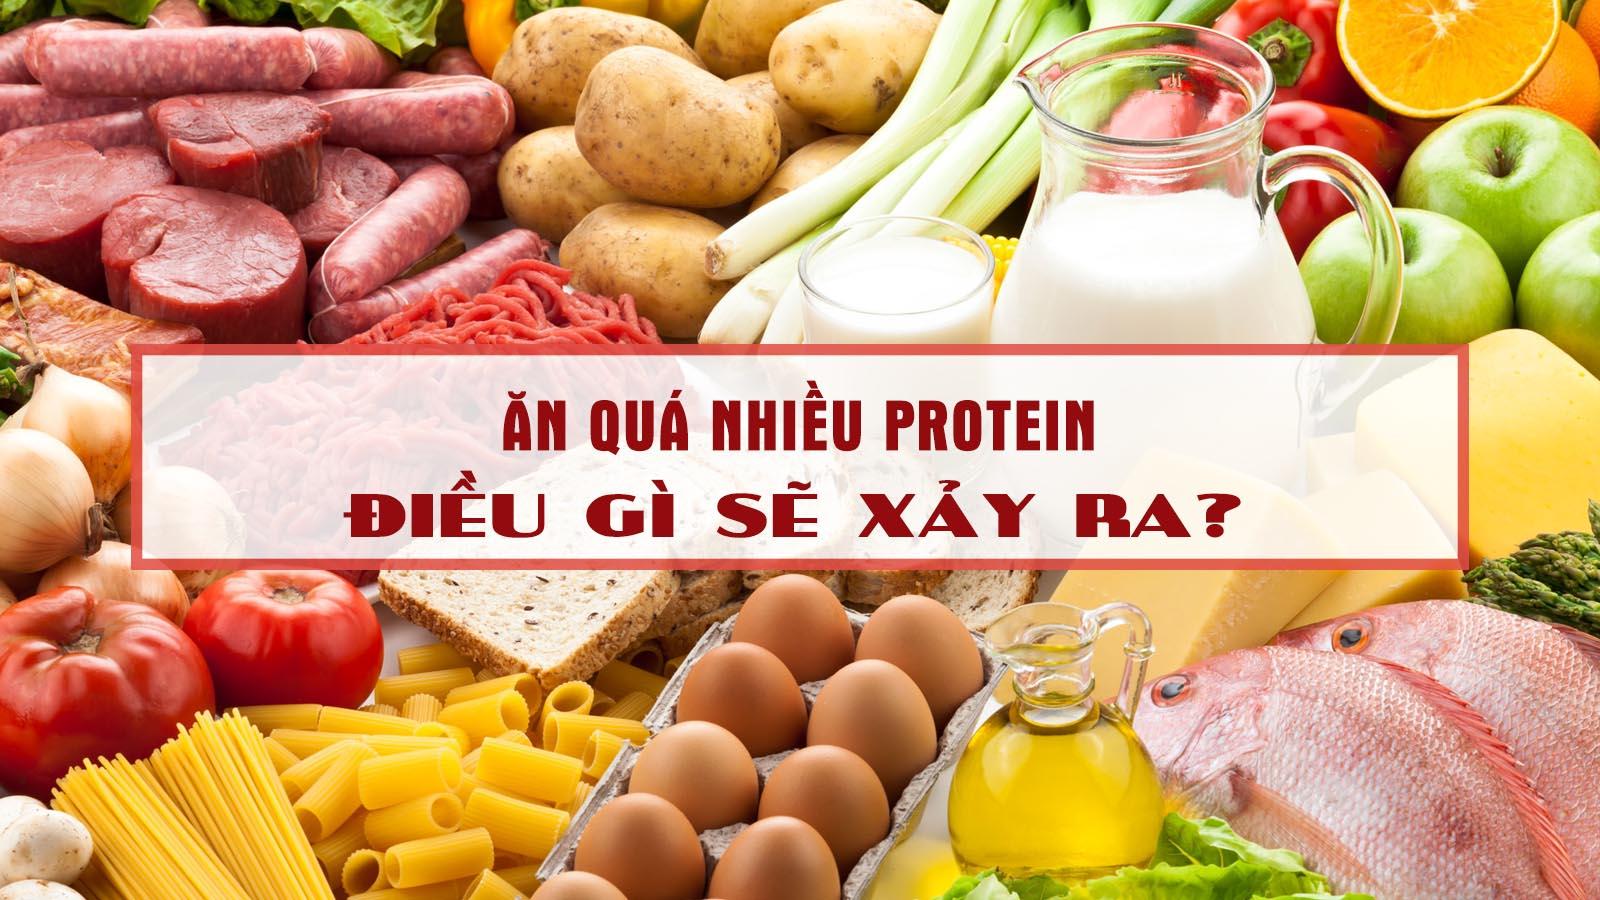 thói quen ăn quá nhiều protein